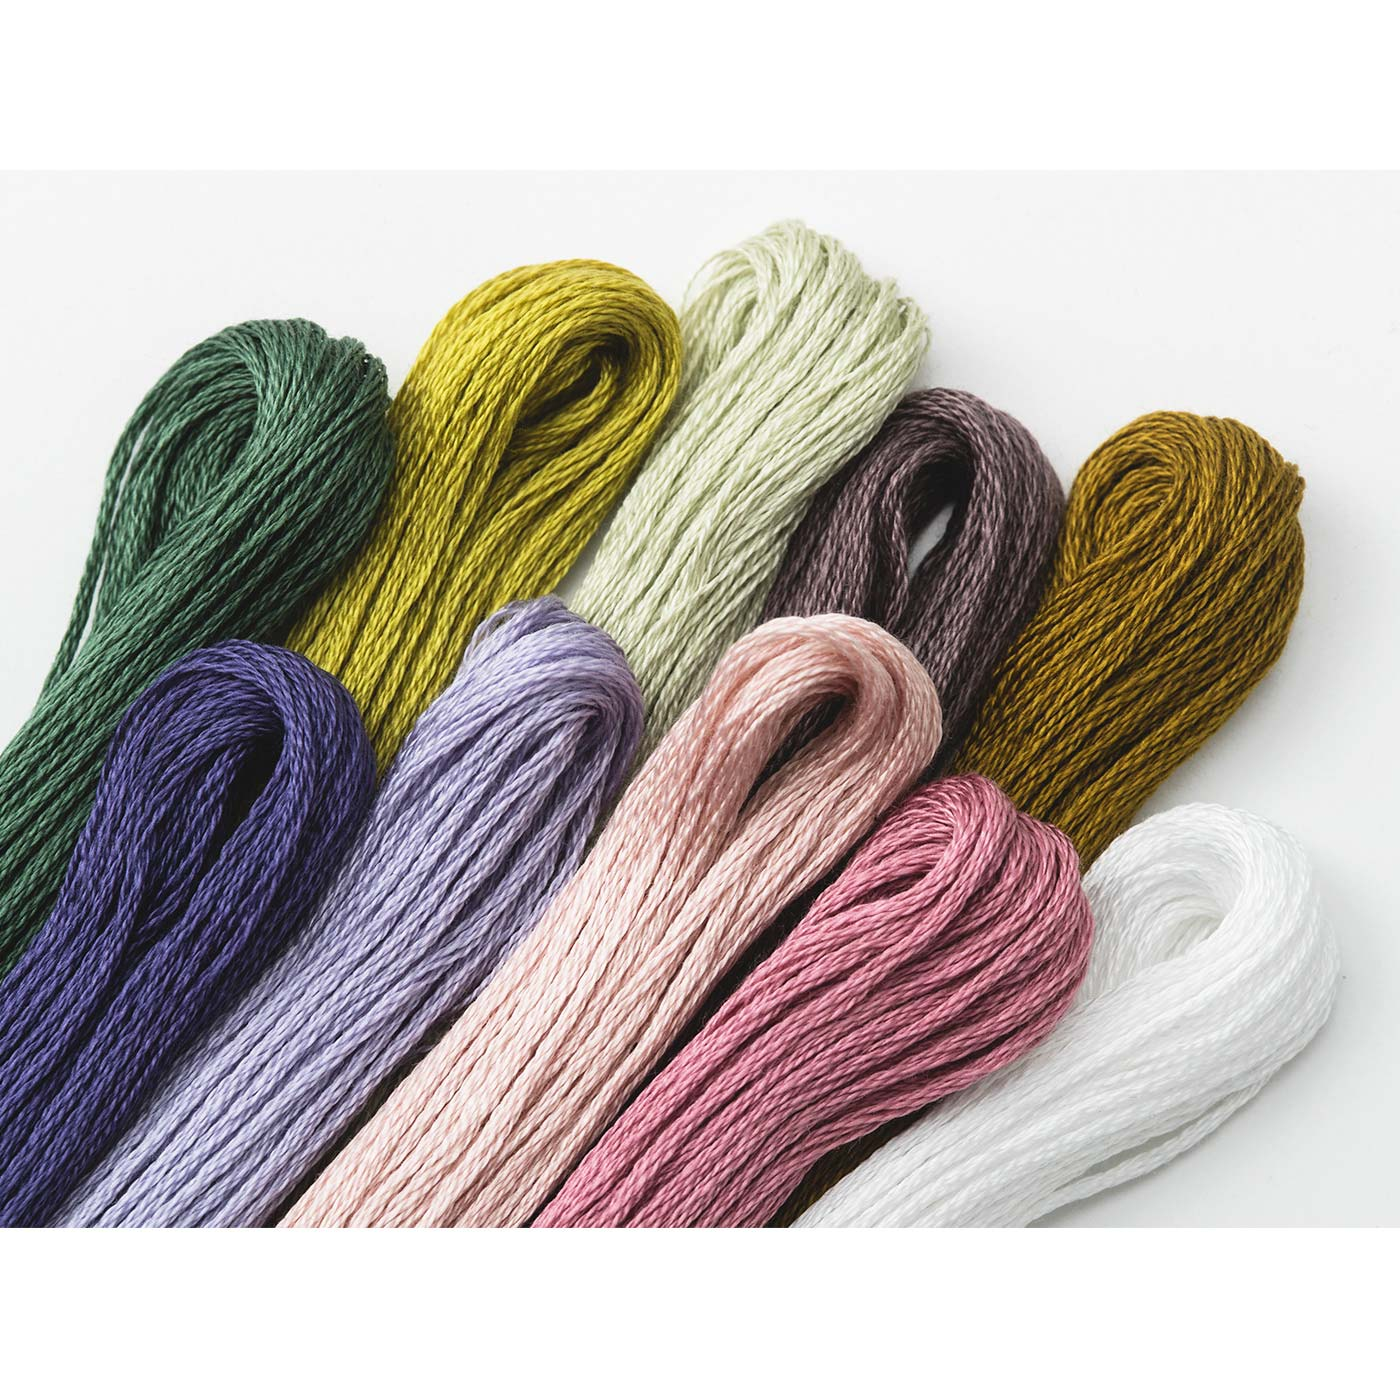 繊細なグラデーションを表現するため、1回につき使用する刺しゅう糸は、なんと10色!